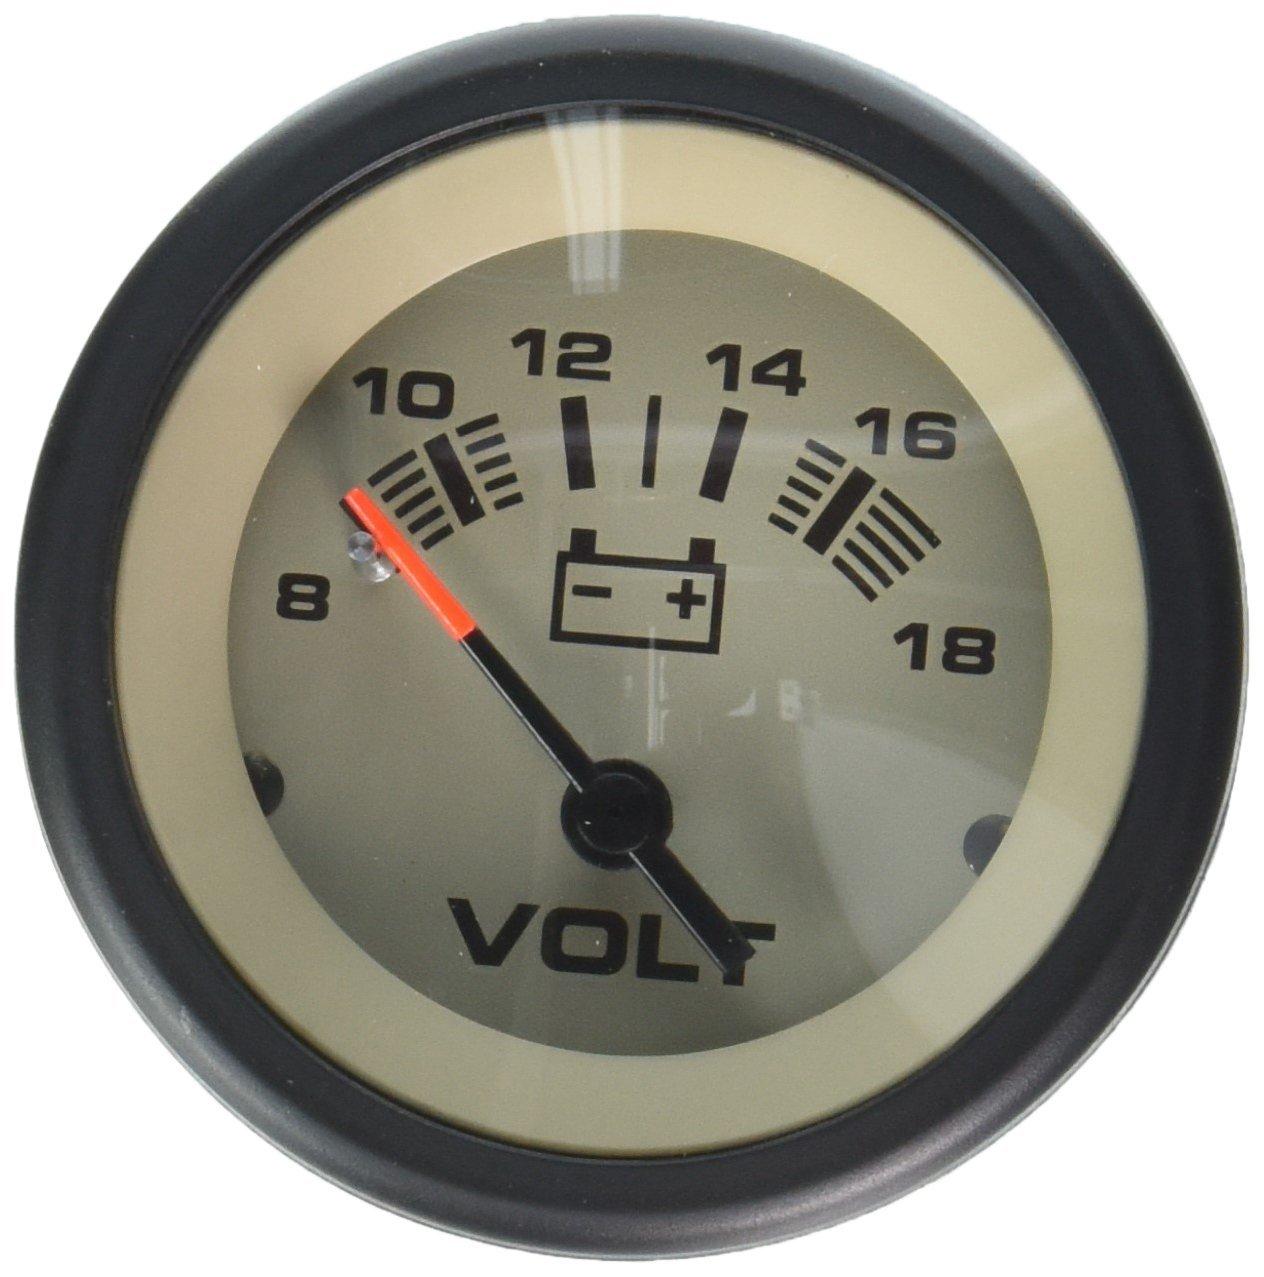 Sierra International 59708P Sahara 8-18 Vdc Dial Range Scratch Resistant Voltmeter, 2'' by Sierra International